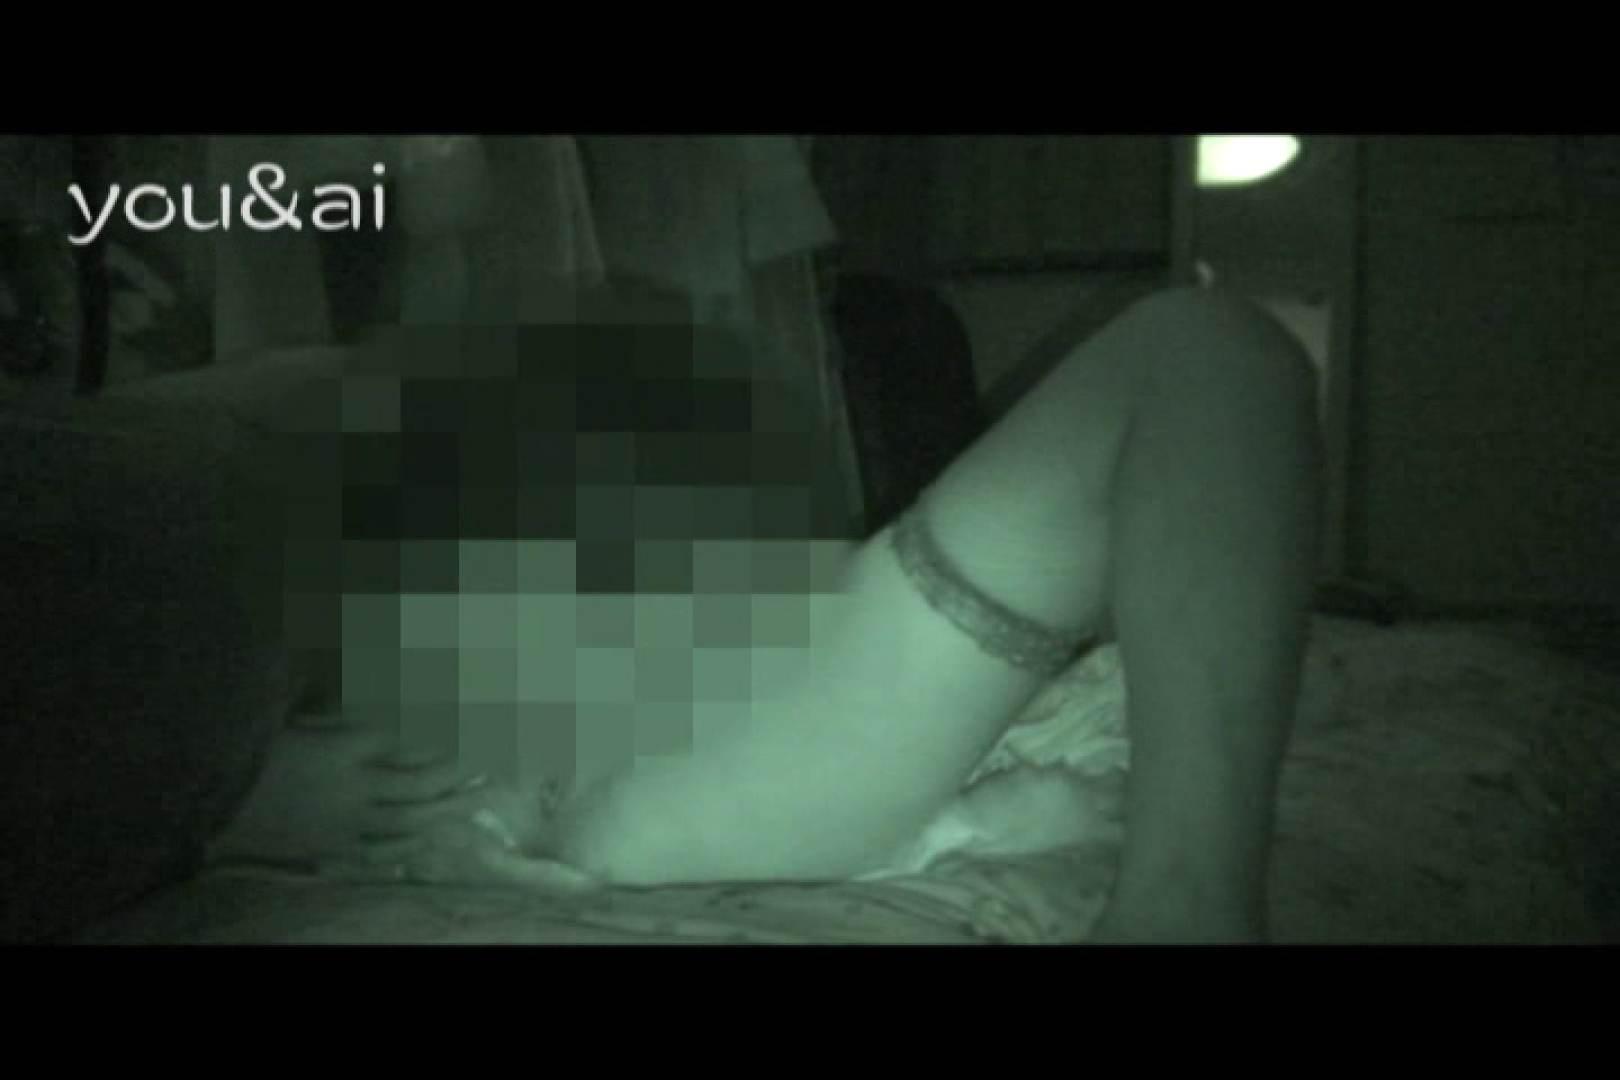 おしどり夫婦のyou&aiさん投稿作品vol.5 コスプレ エロ無料画像 84連発 46